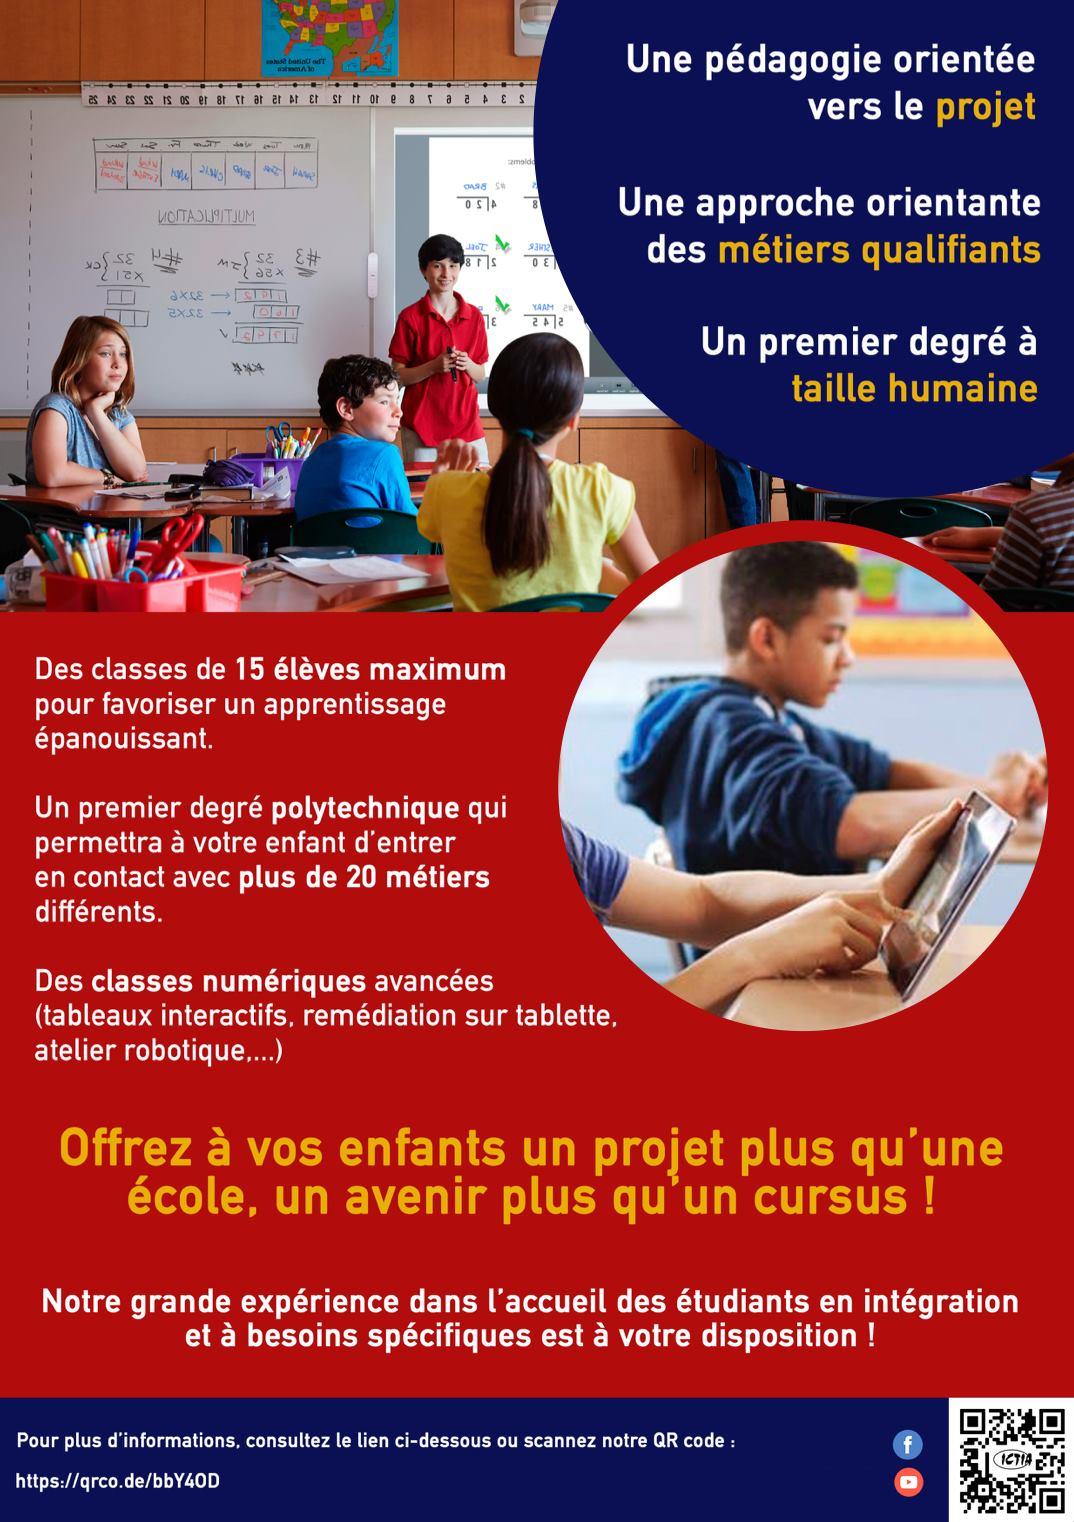 Pedagogie_oriente_projet